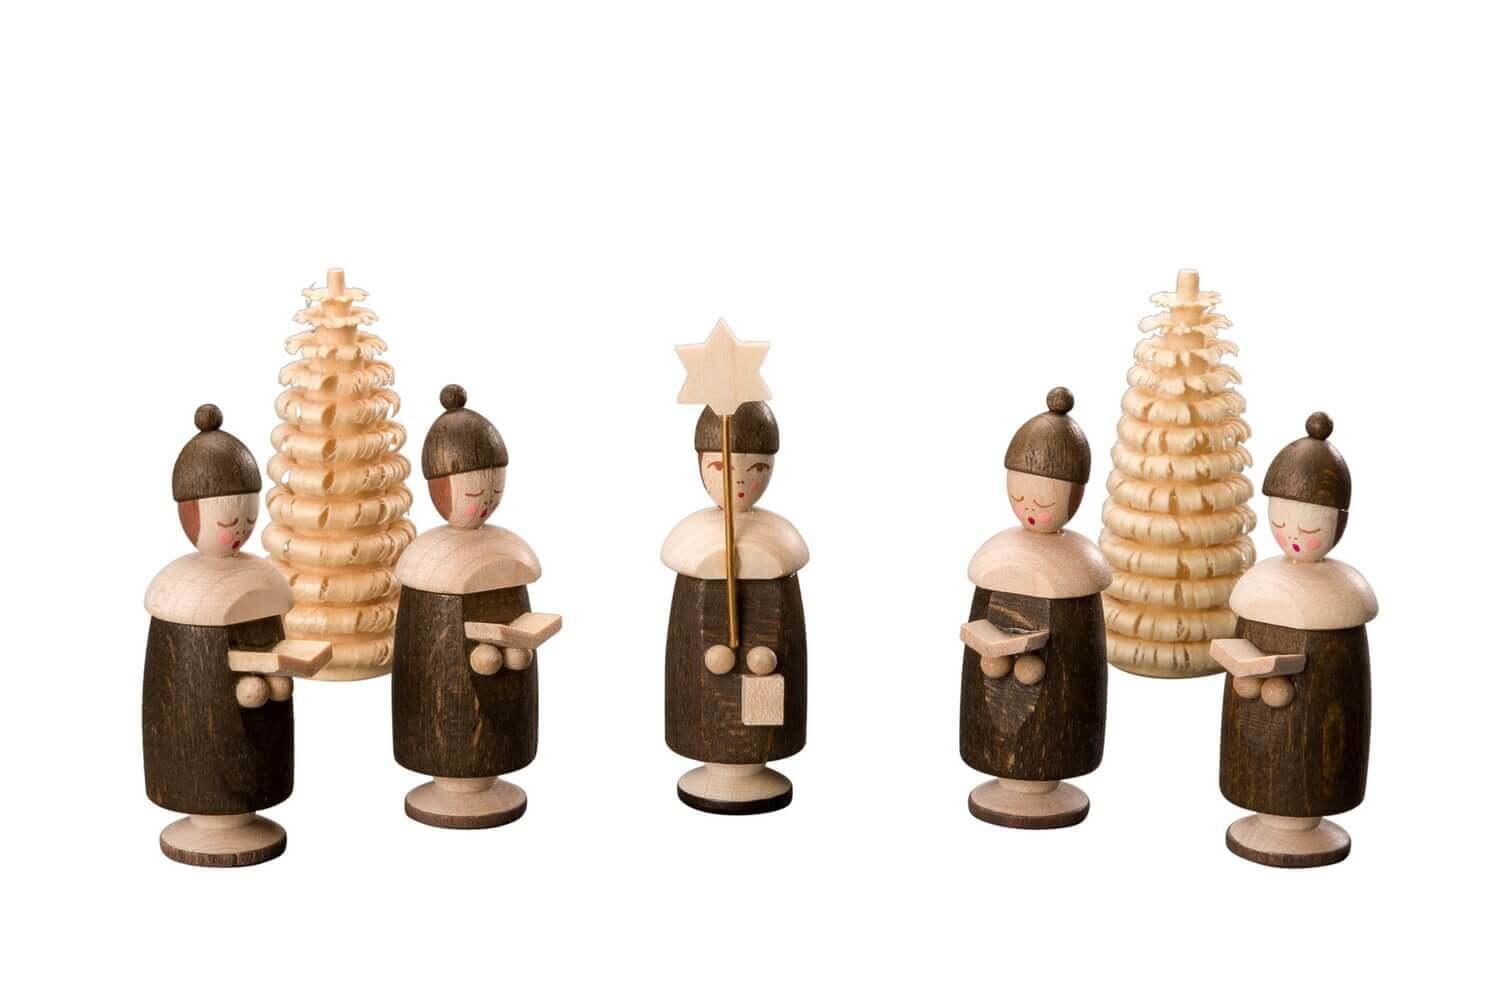 Albin Preißler Kurrendefiguren mit Mütze, 5 Stück und 2 Ringelbäumchen, natur